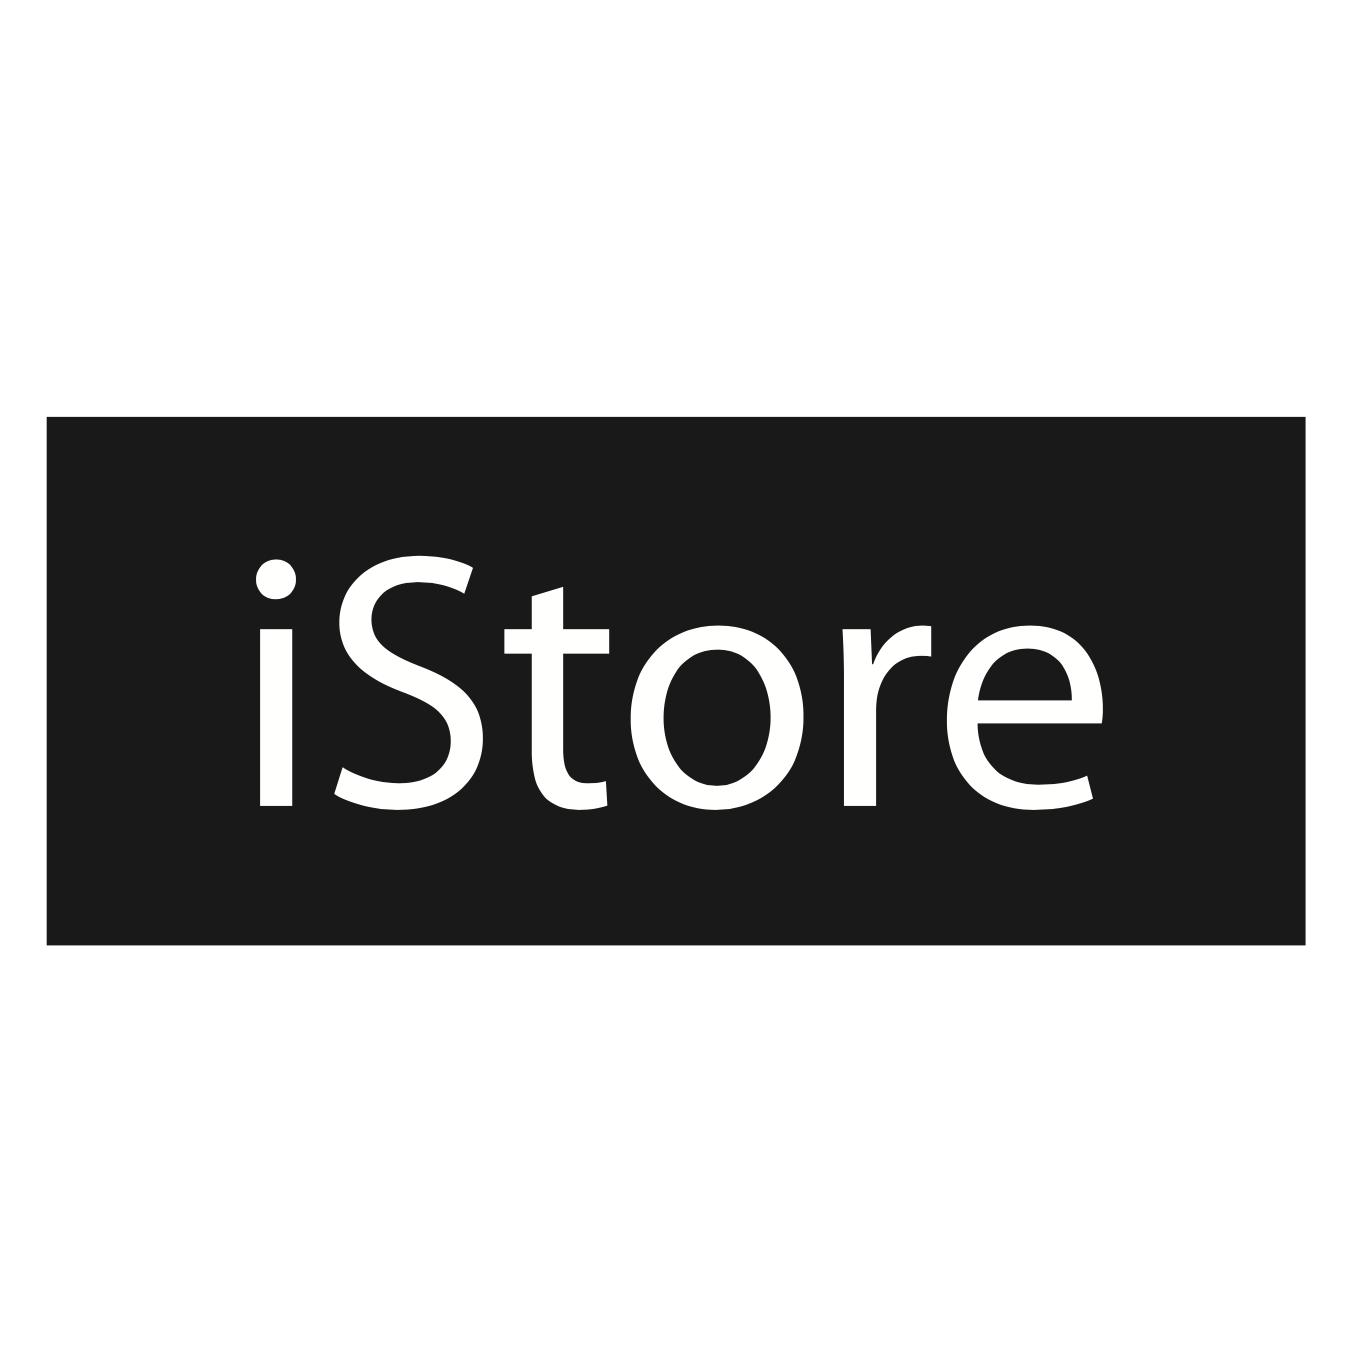 iPhone 7 Silicone Case - Black